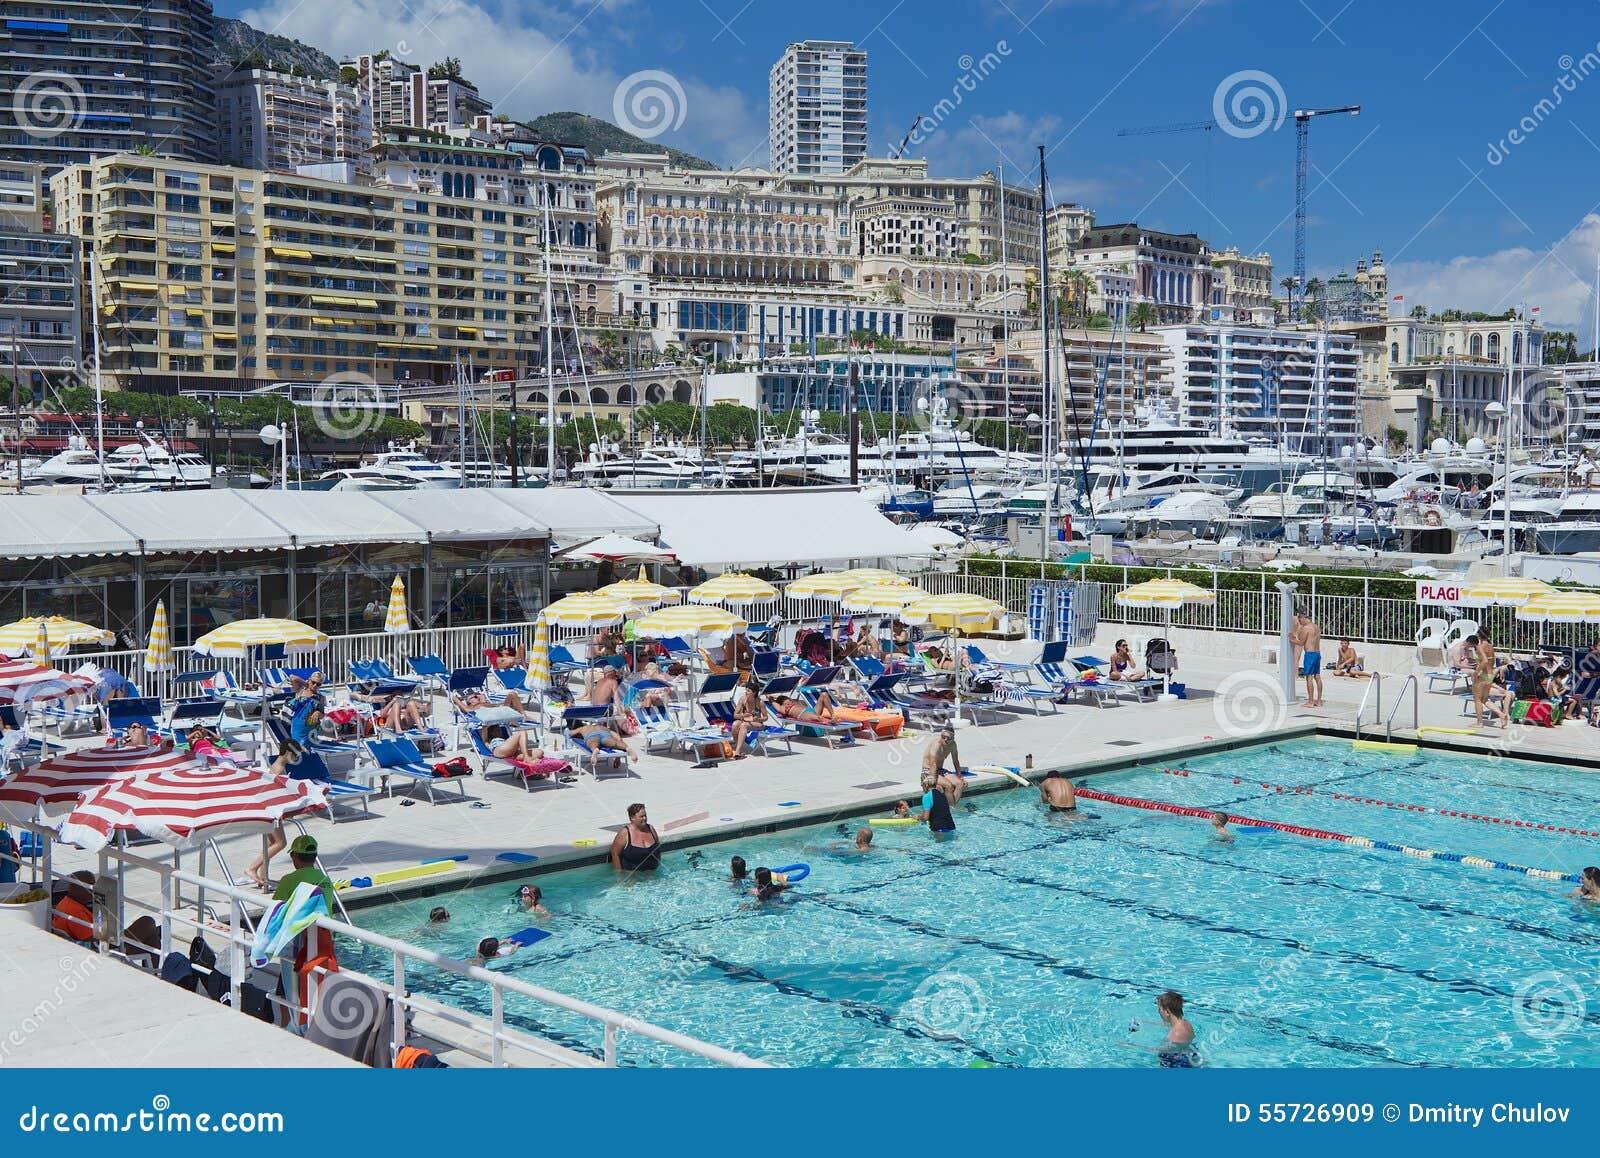 Les gens nagent et les prennent un bain de soleil la for Piscine publique